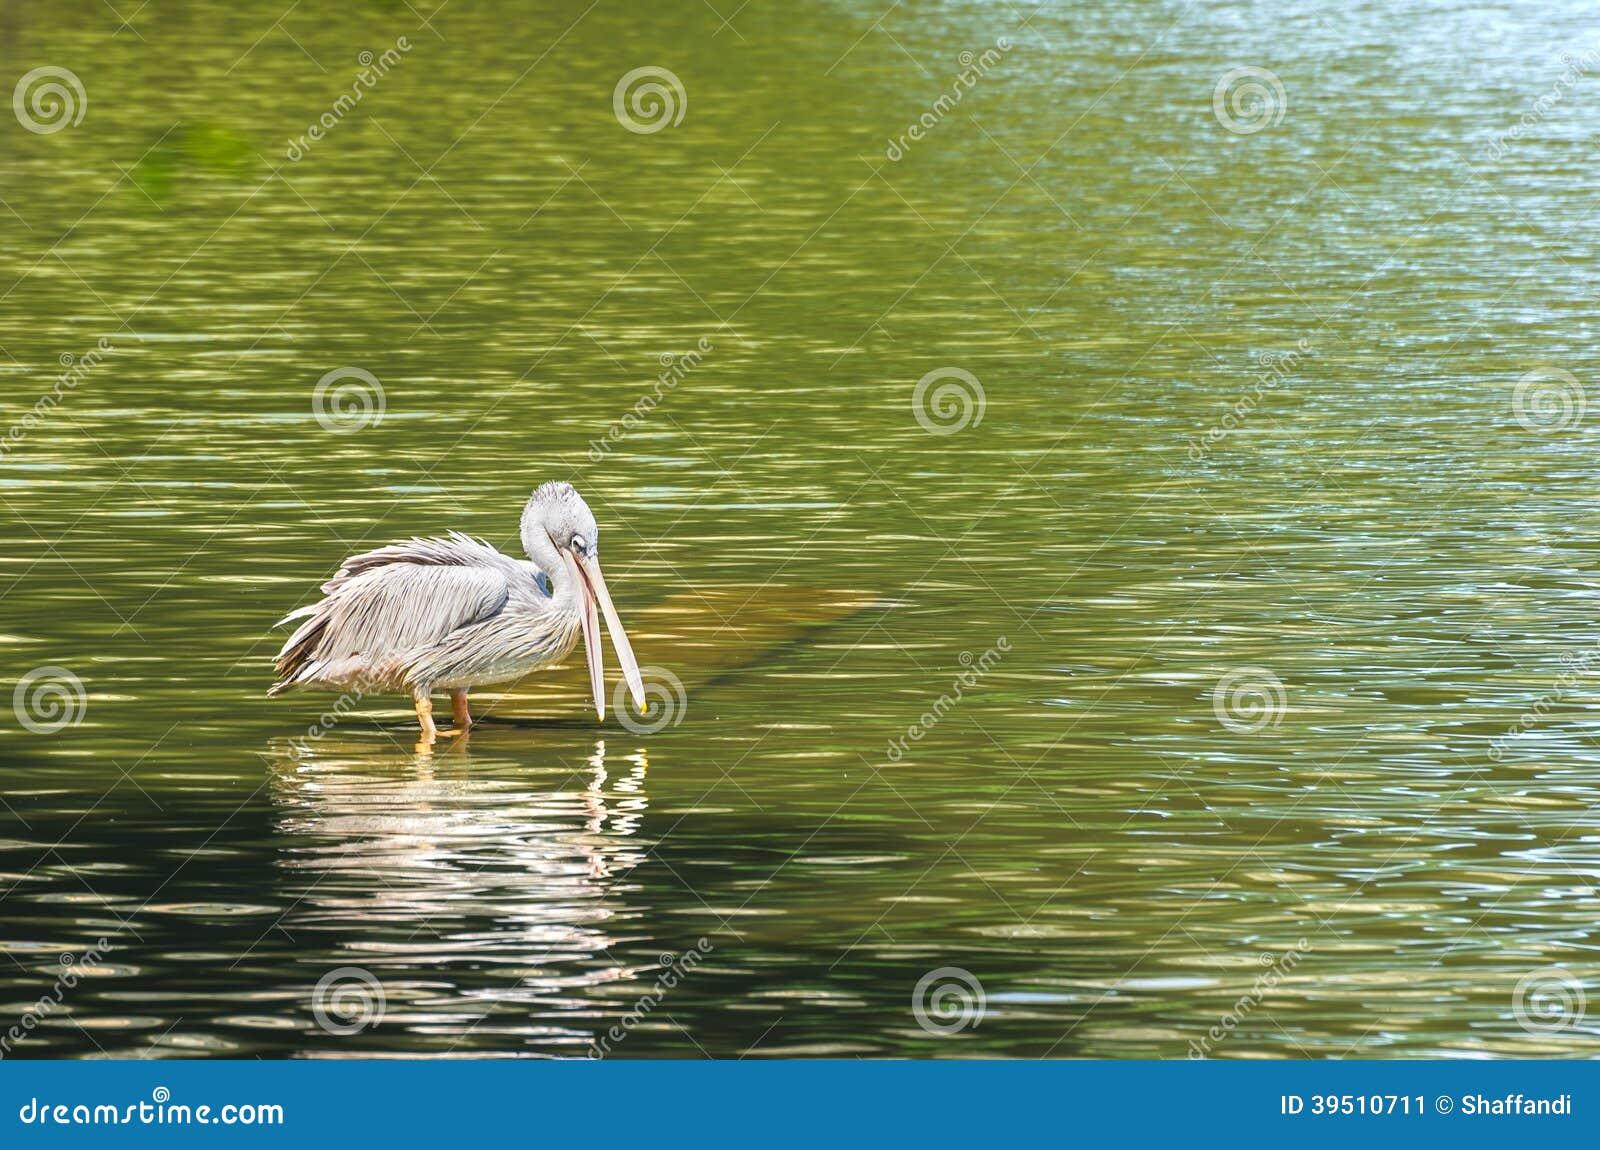 The White Pelican